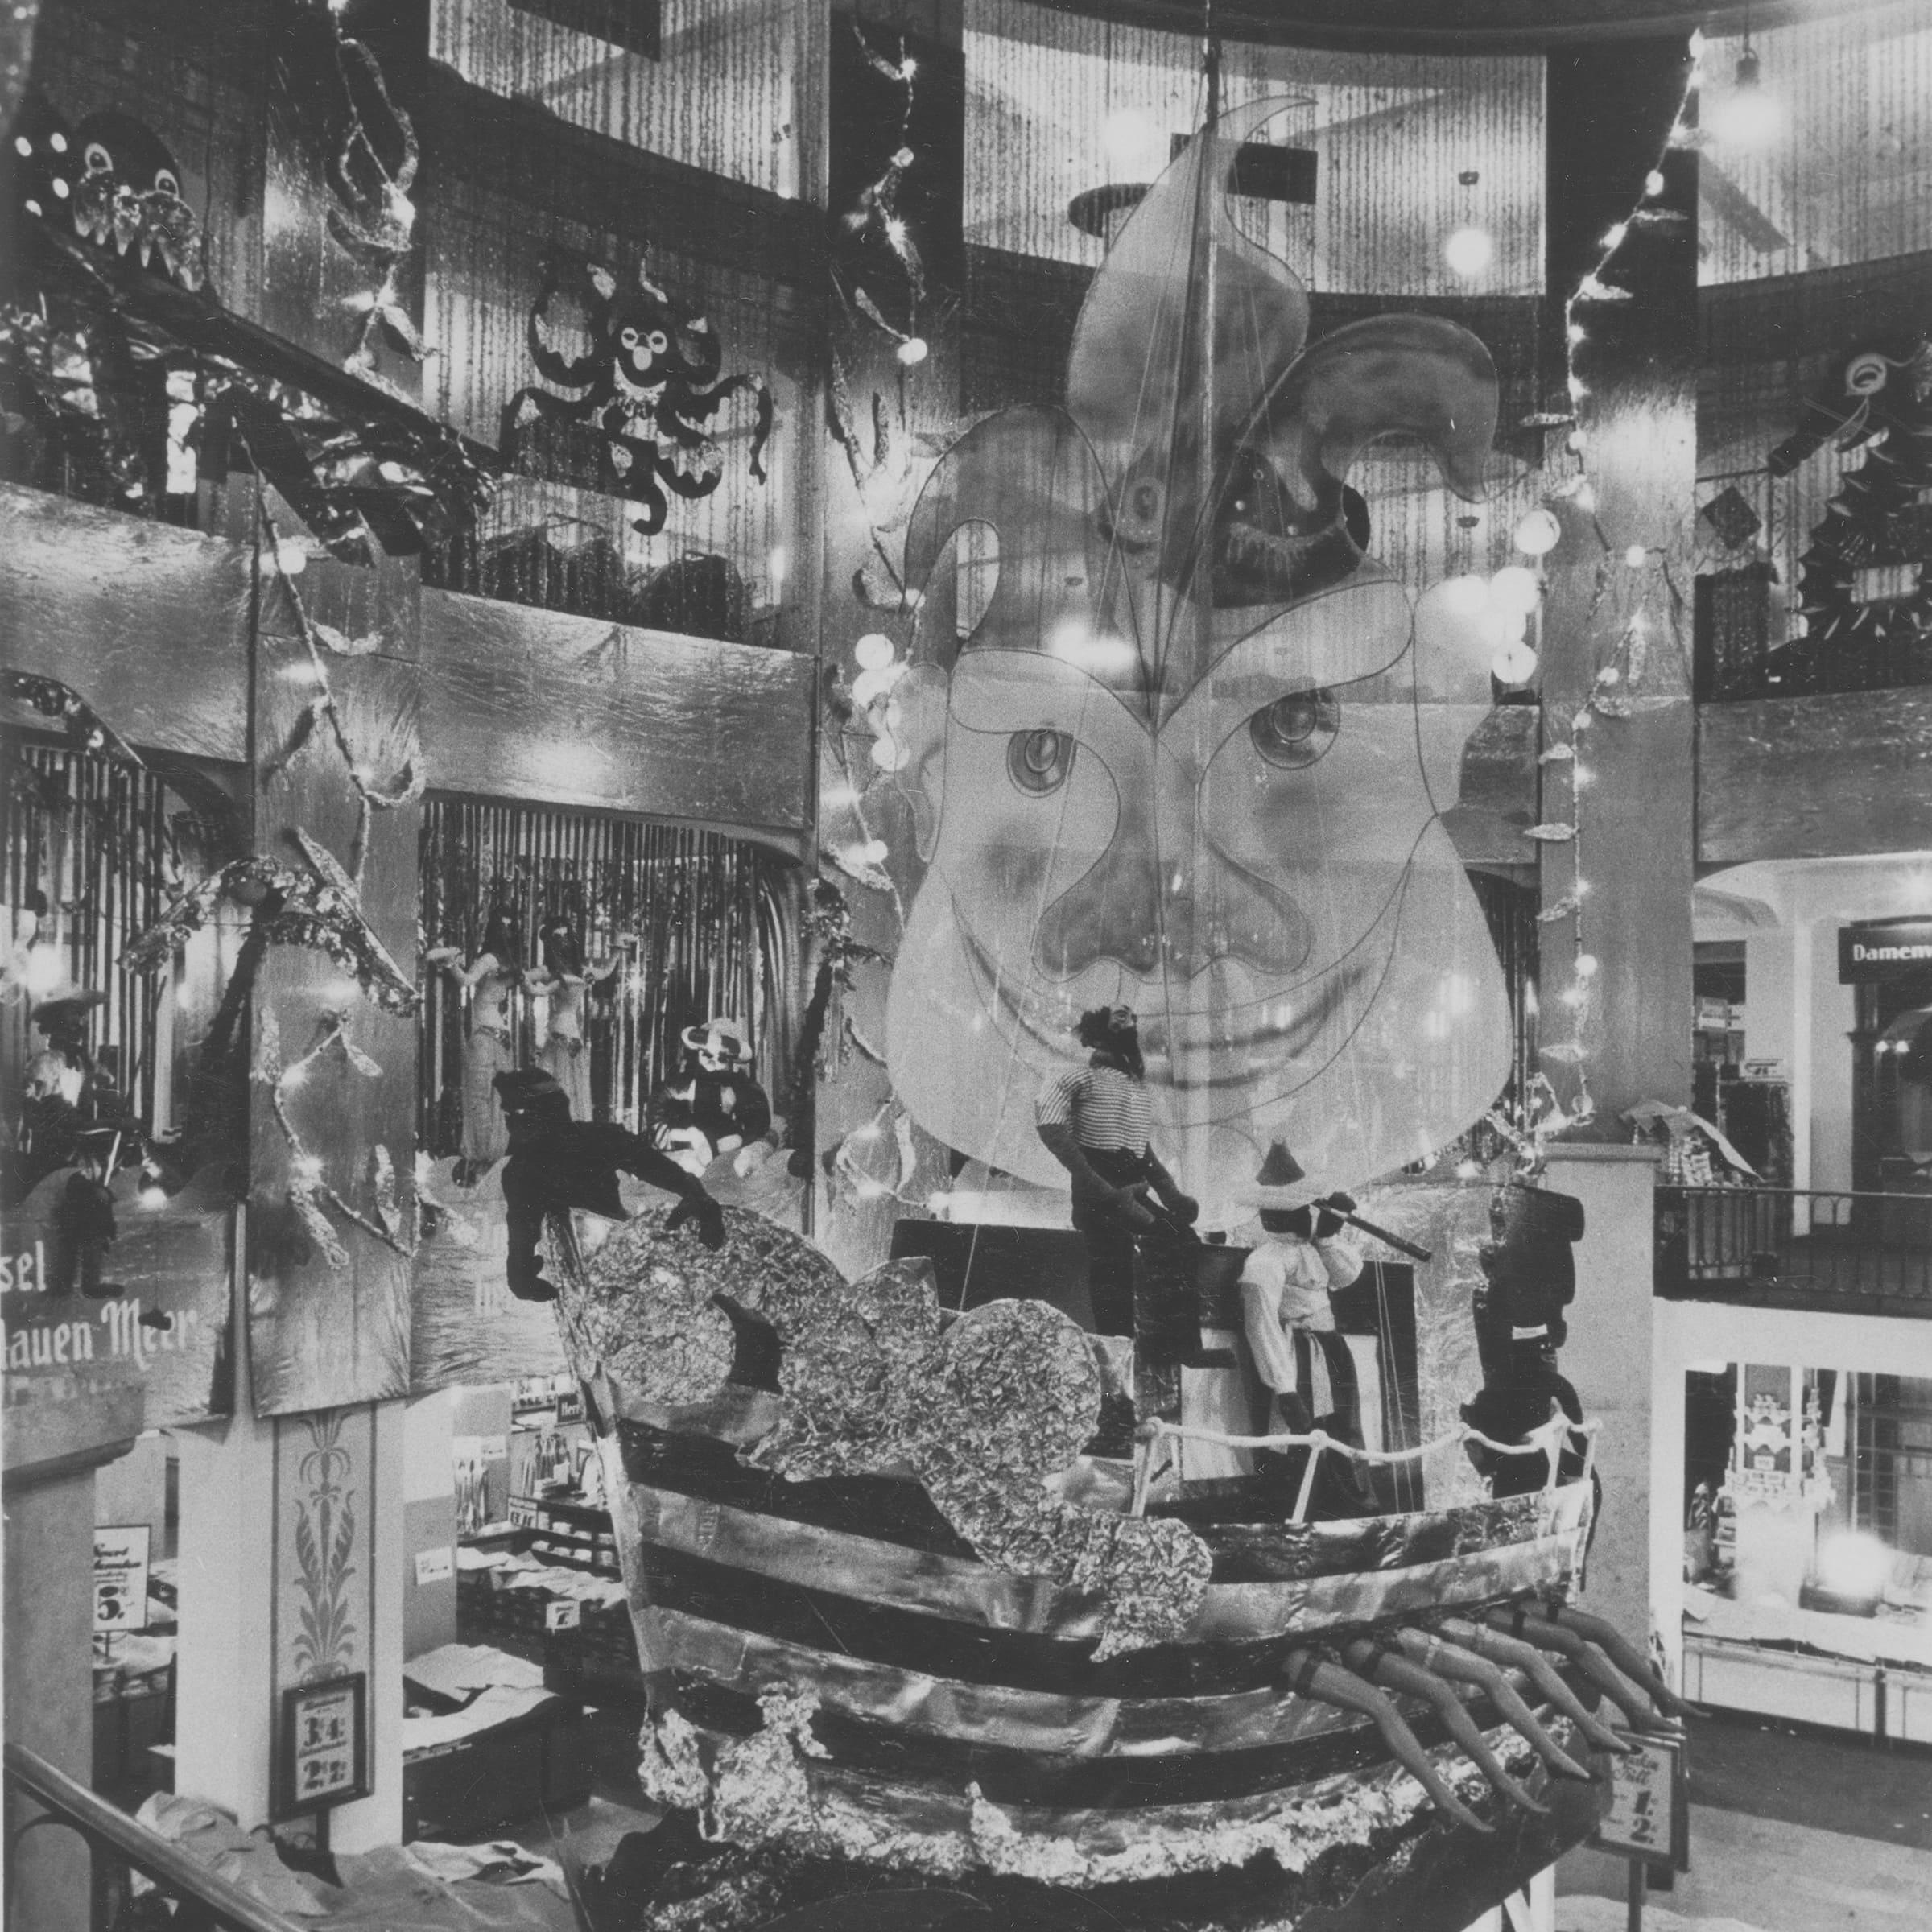 Eine Schwarzweissfotografie eines Faschingsdisplays aus dem Jahr 1952